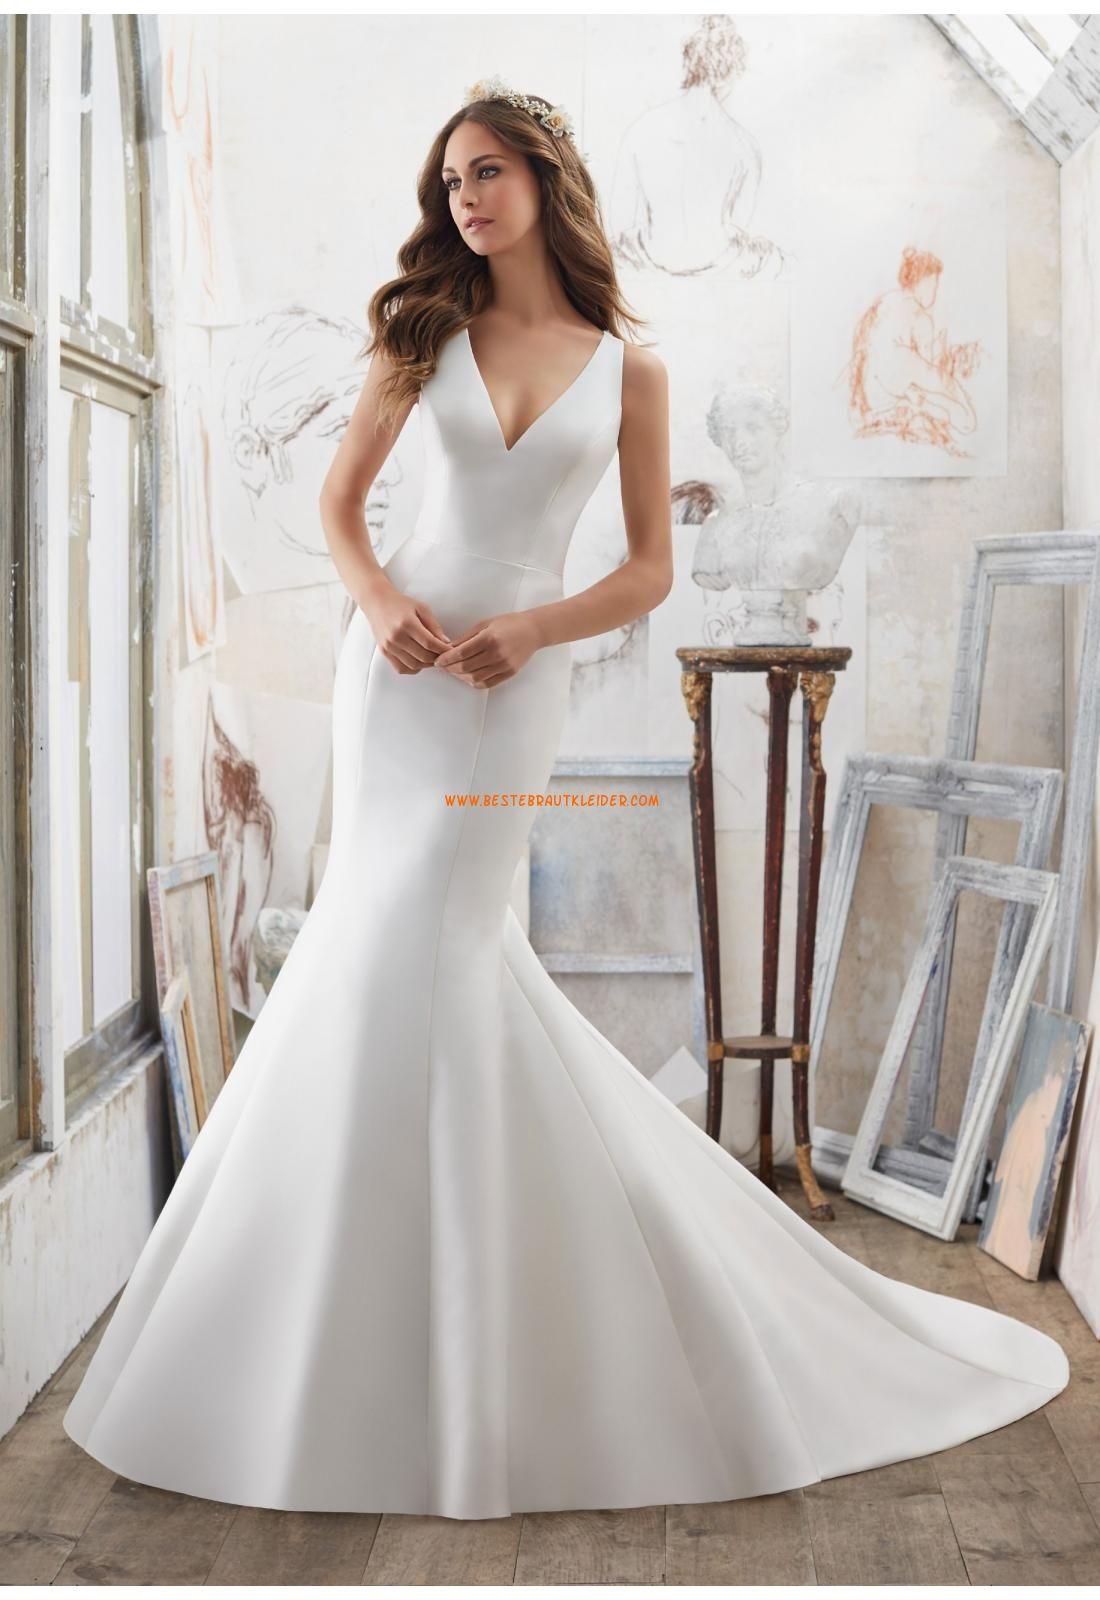 Meerjungfrau V-ausschnitt Trendige Brautkleider aus Satin mit Applikation